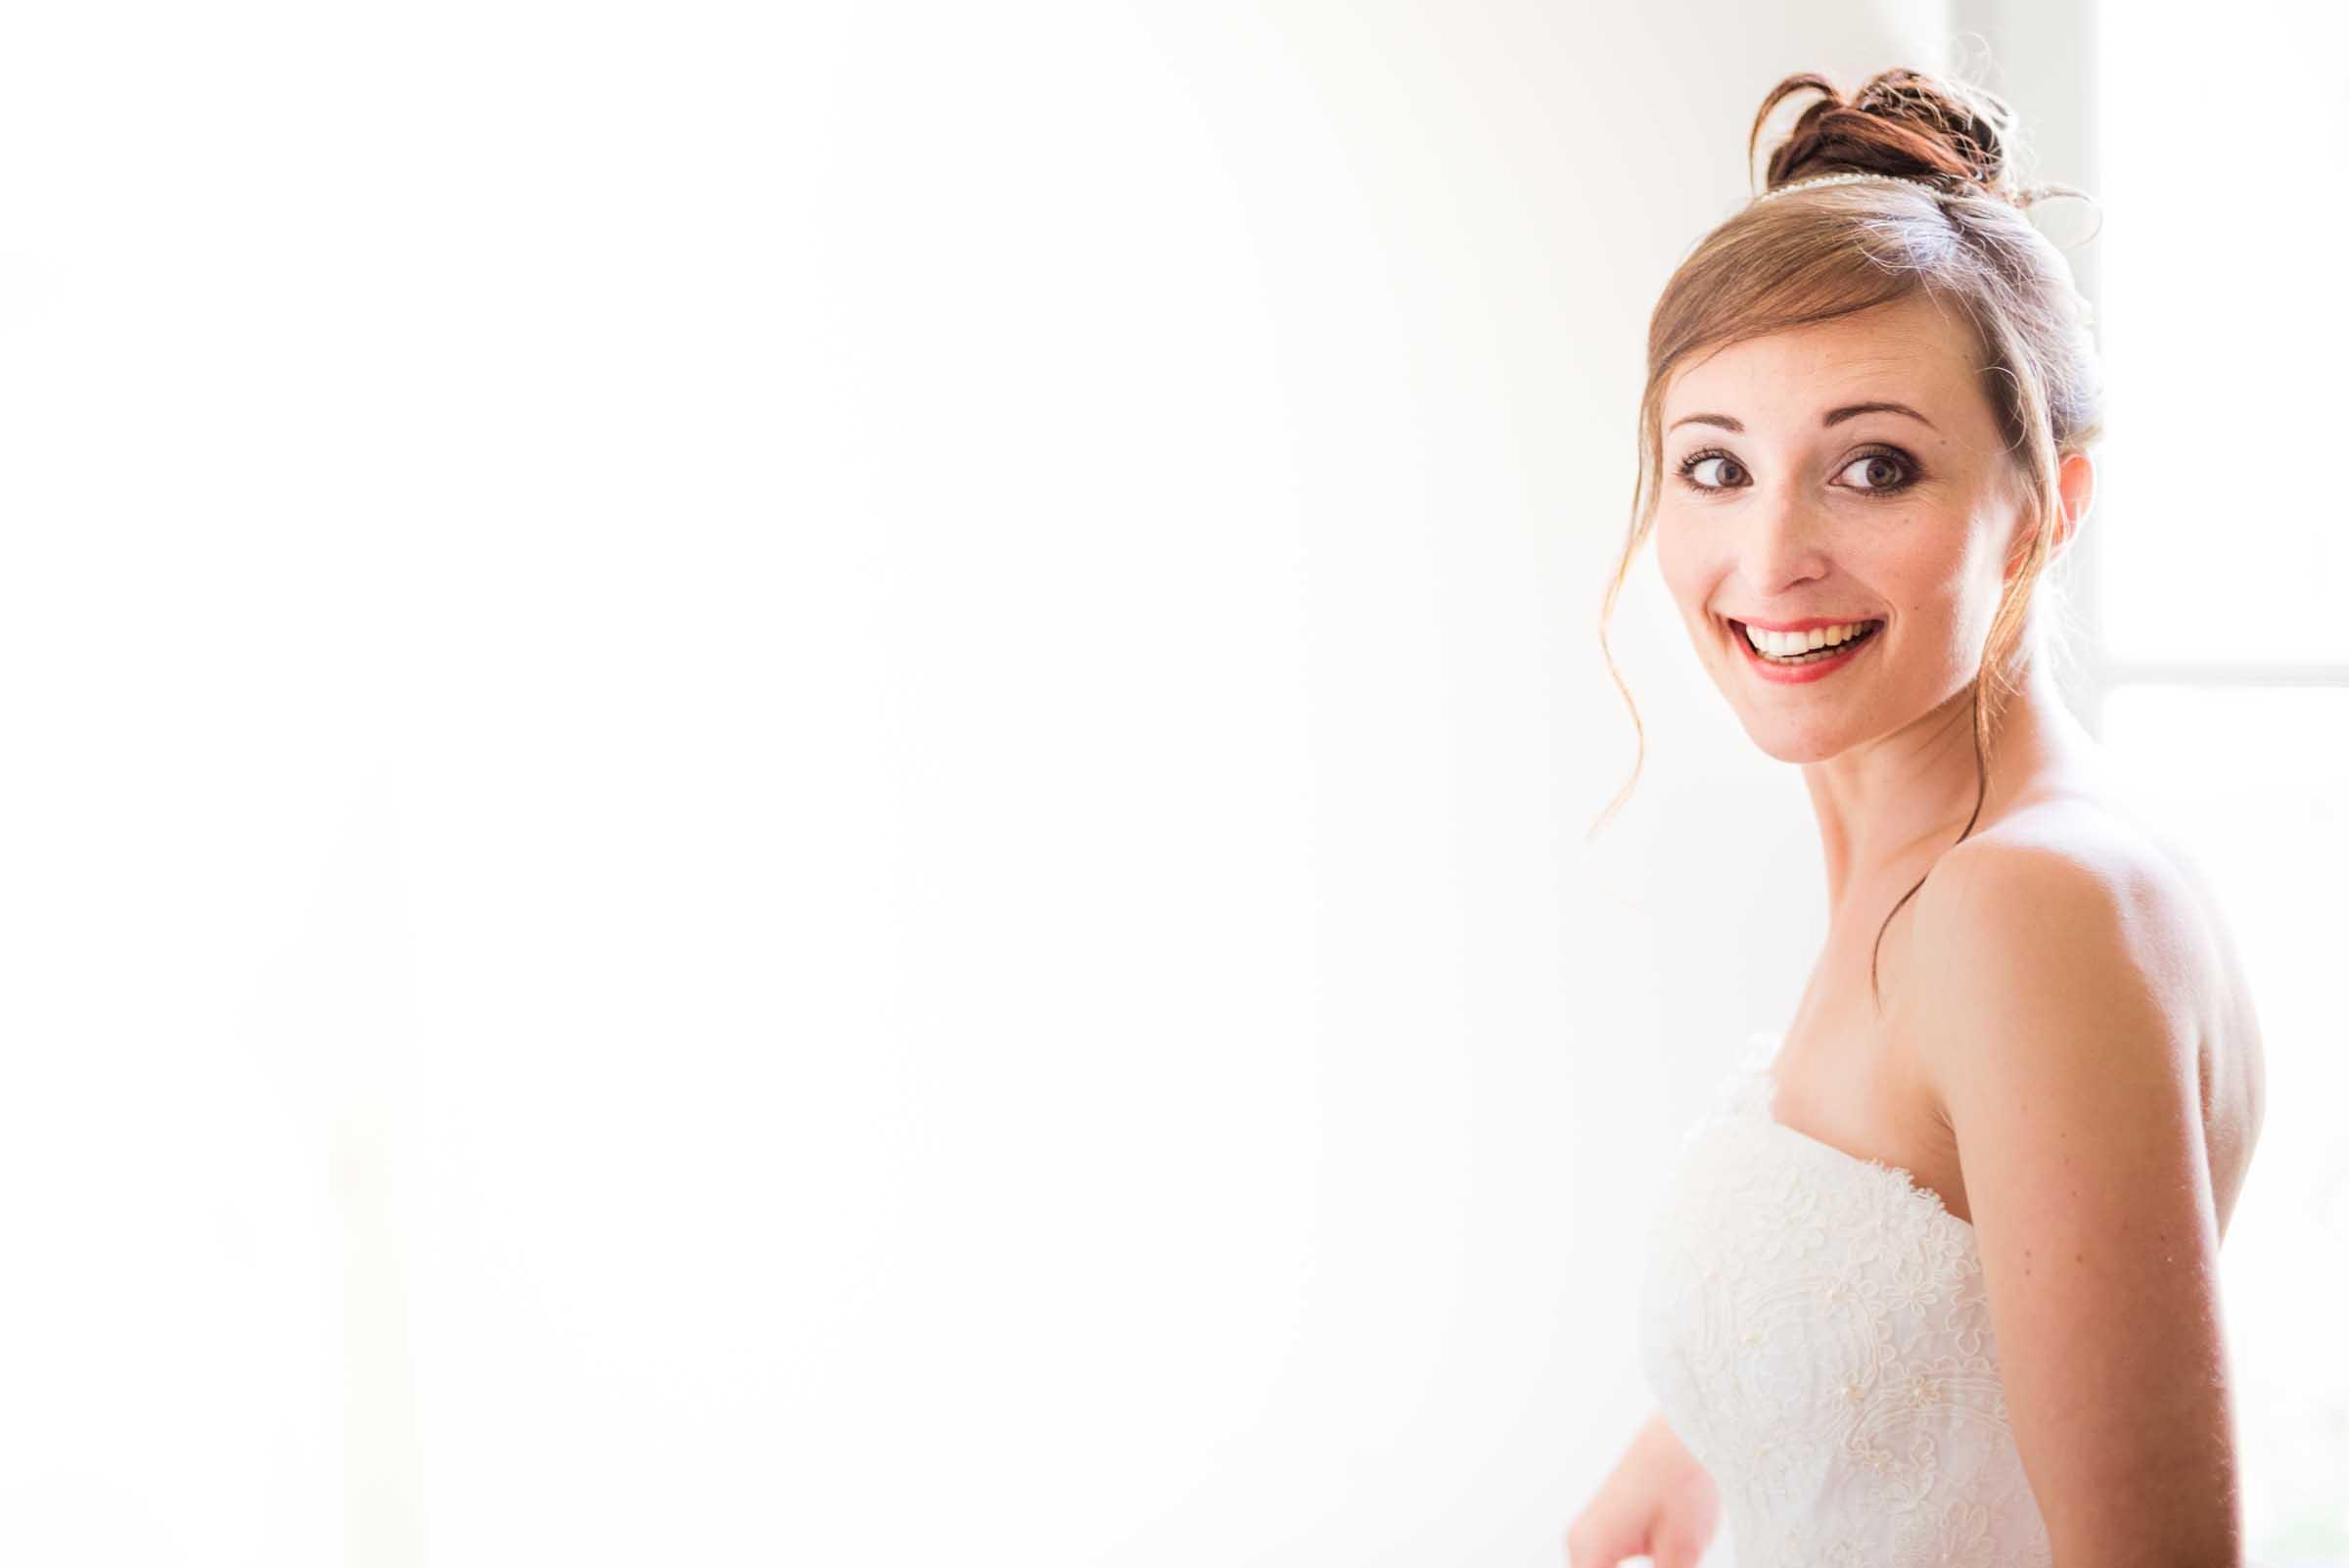 Photographe mariage - préparation